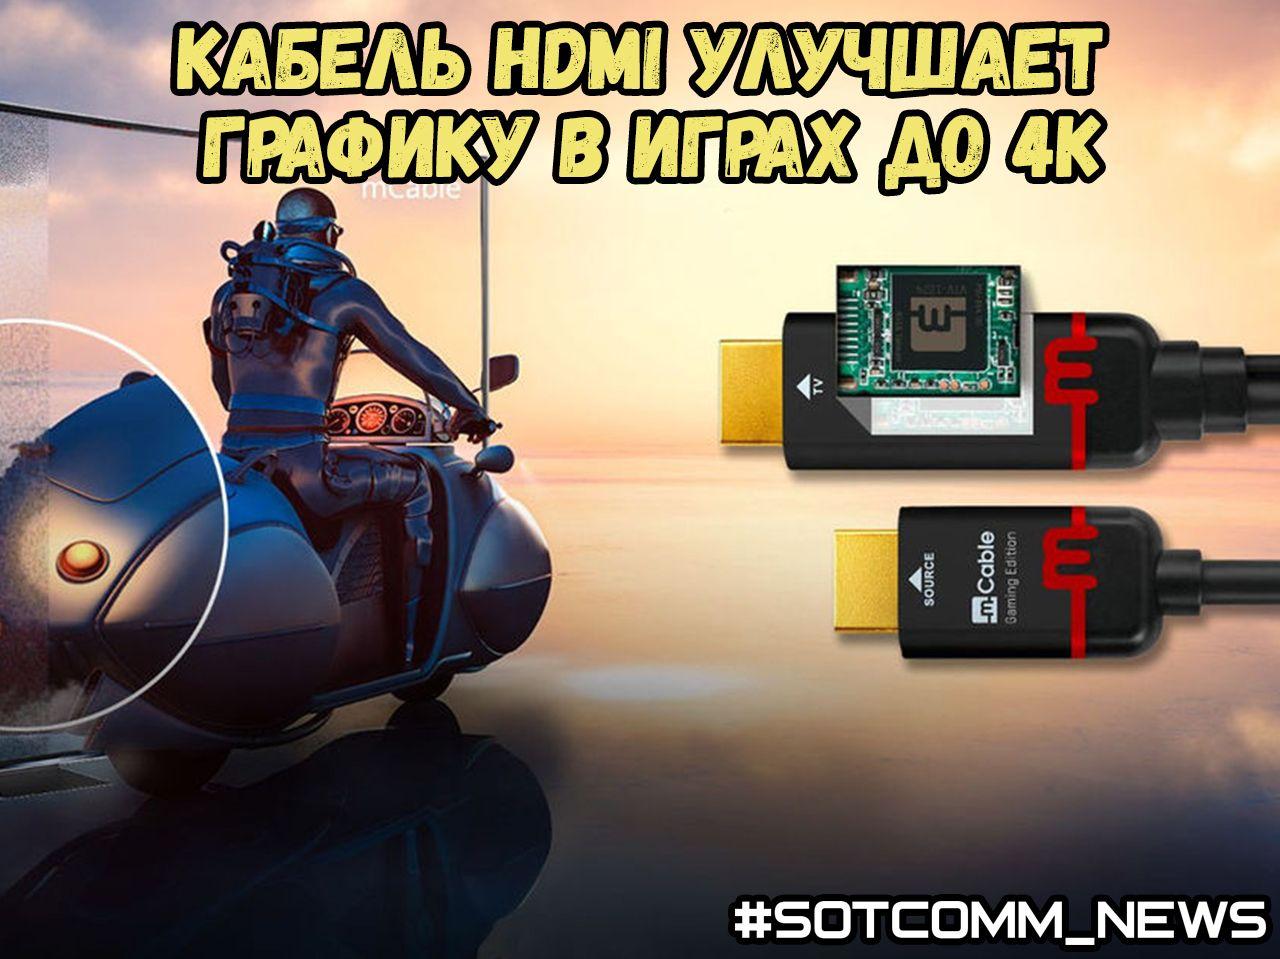 mCable Gaming Edition кабель HDMI, который улучшает графику в играх до 4K